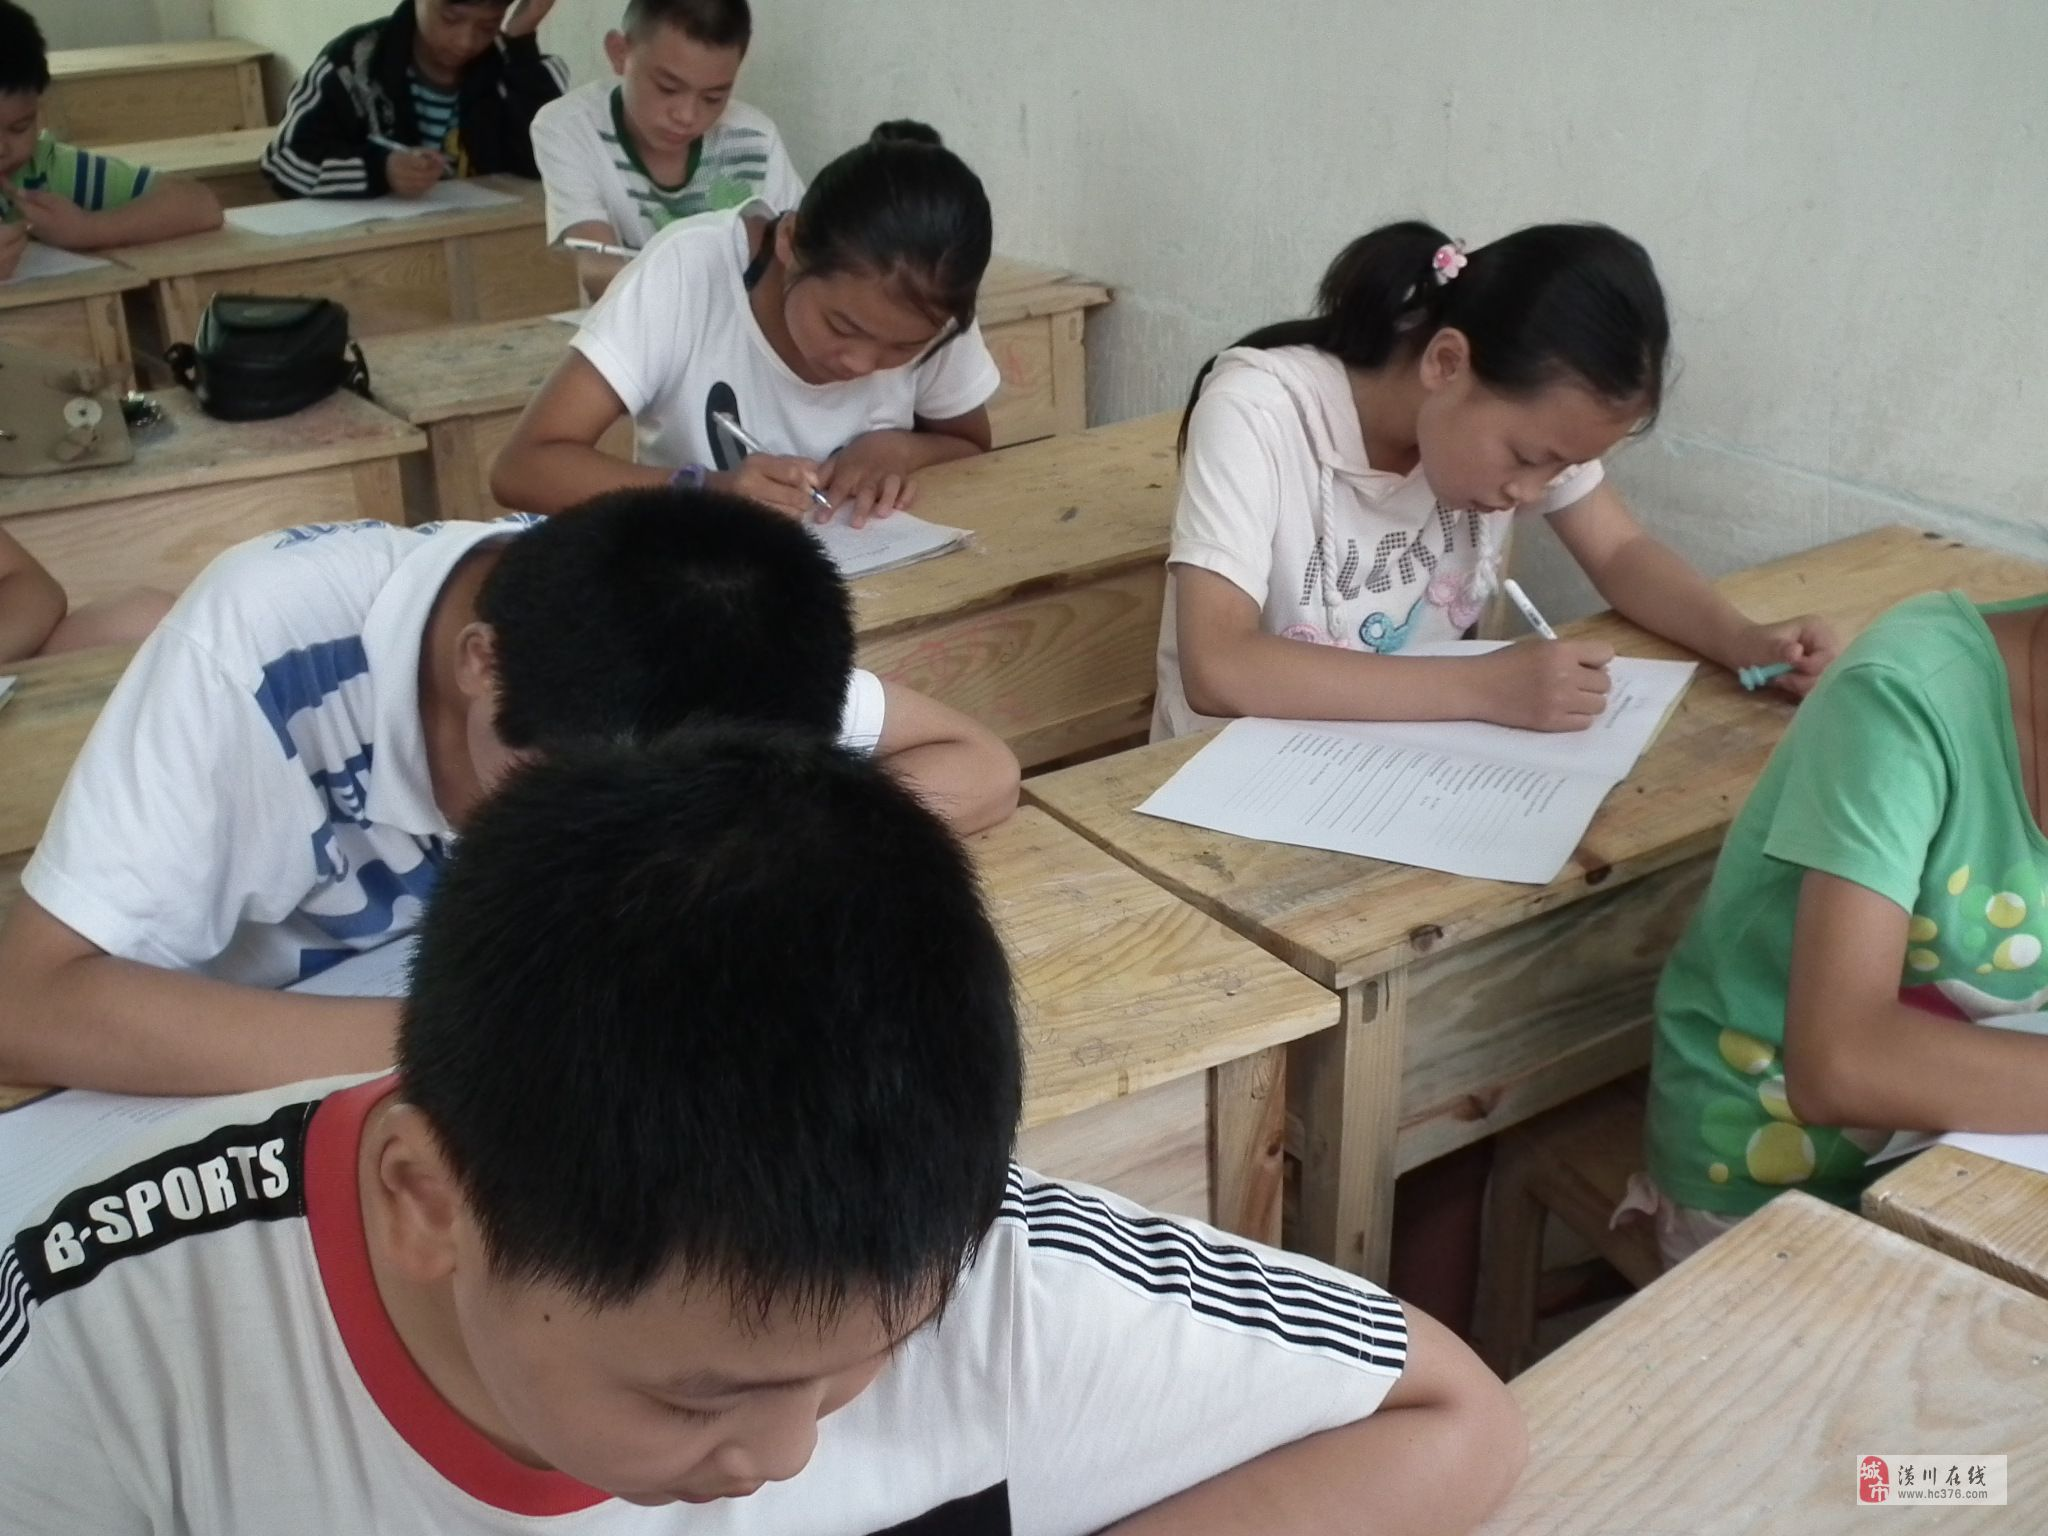 百嘉新東方教育培訓招聘英語,繪畫老師